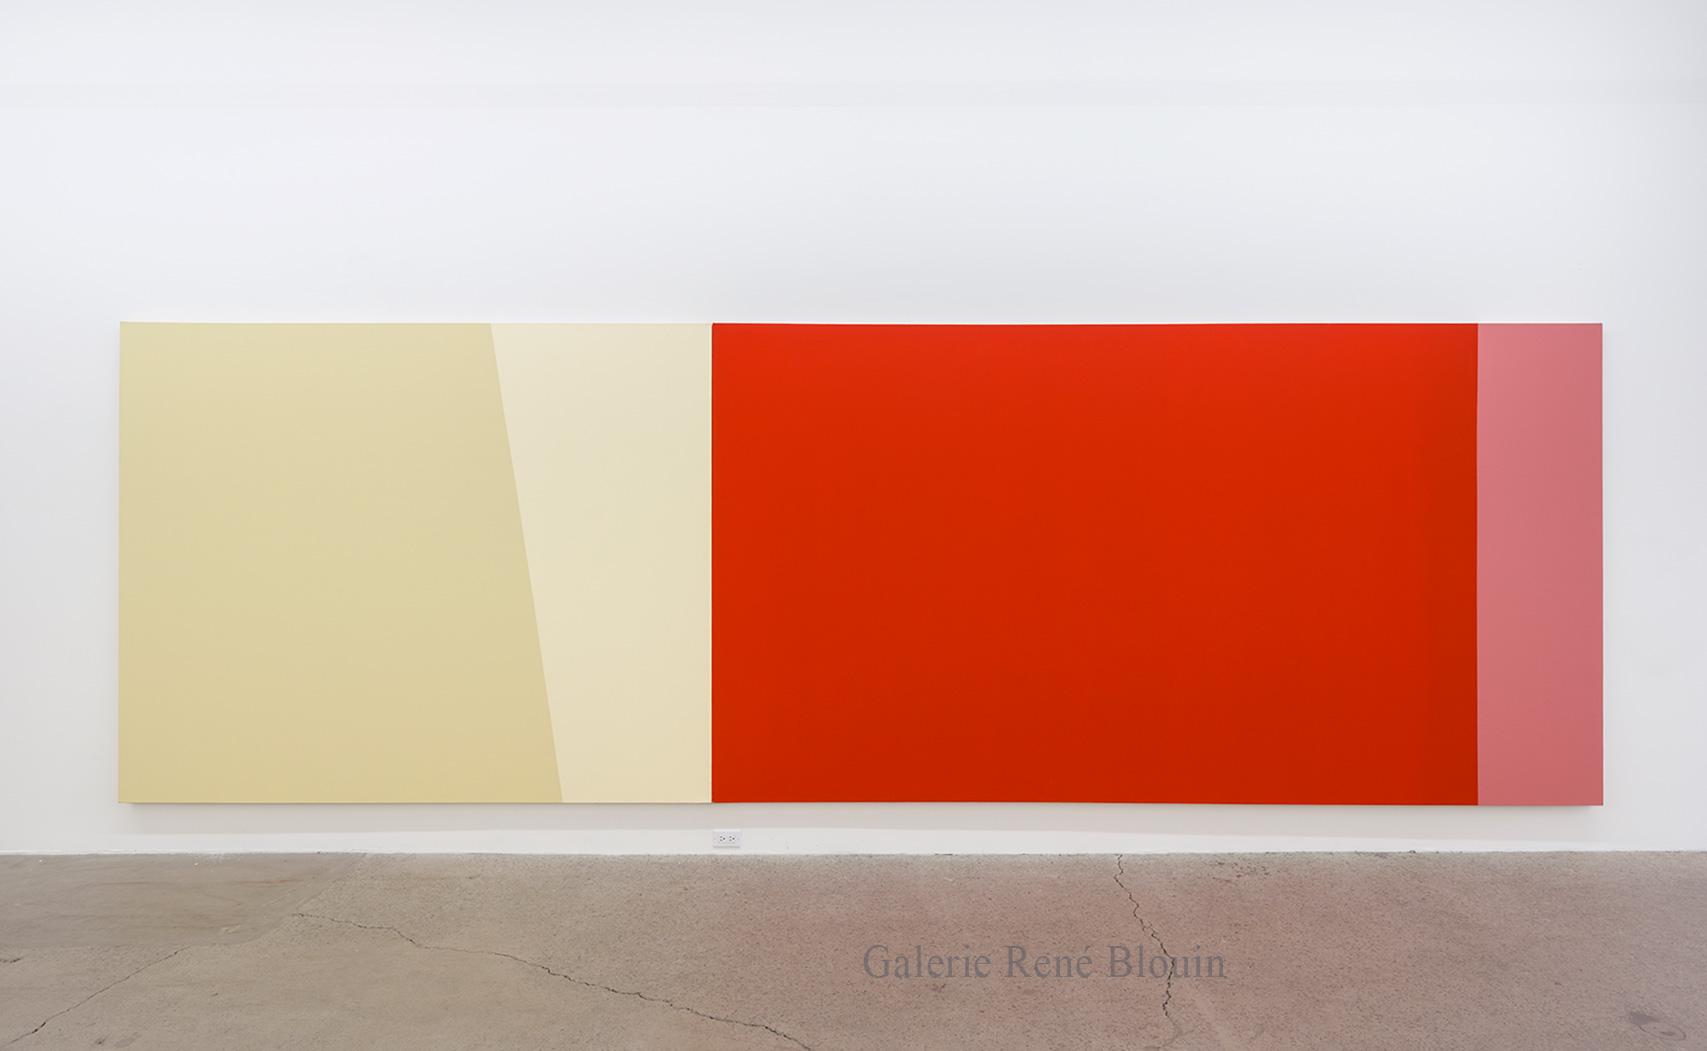 Yves Gaucher, Reds+Ps, 1992, Acrylique sur toile, 198 x 609,6 cm / 78 x 240 pouces, Photo : Guy L'Heureux